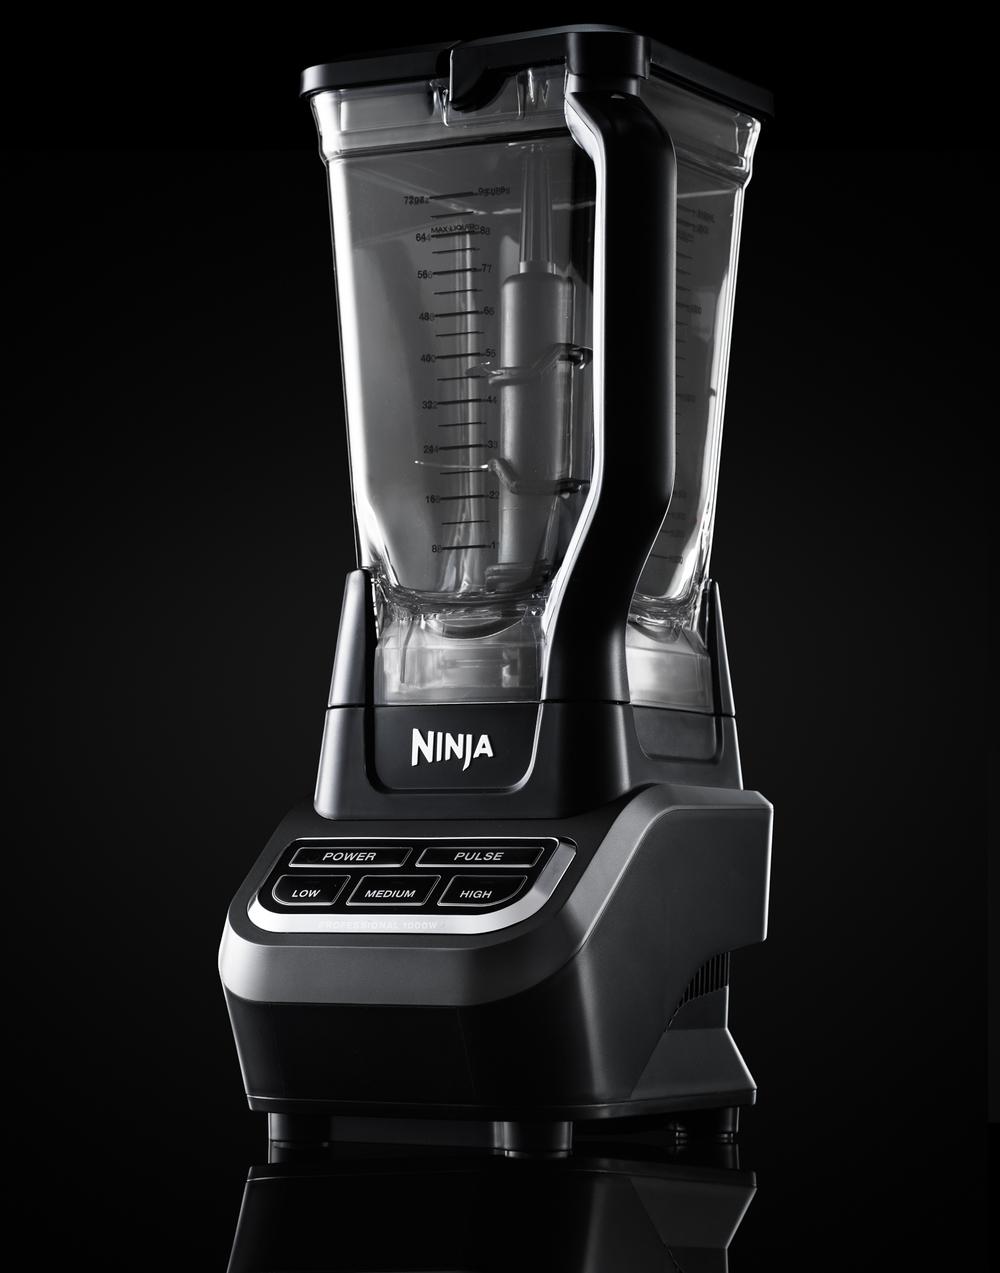 Ninja Blender.jpg